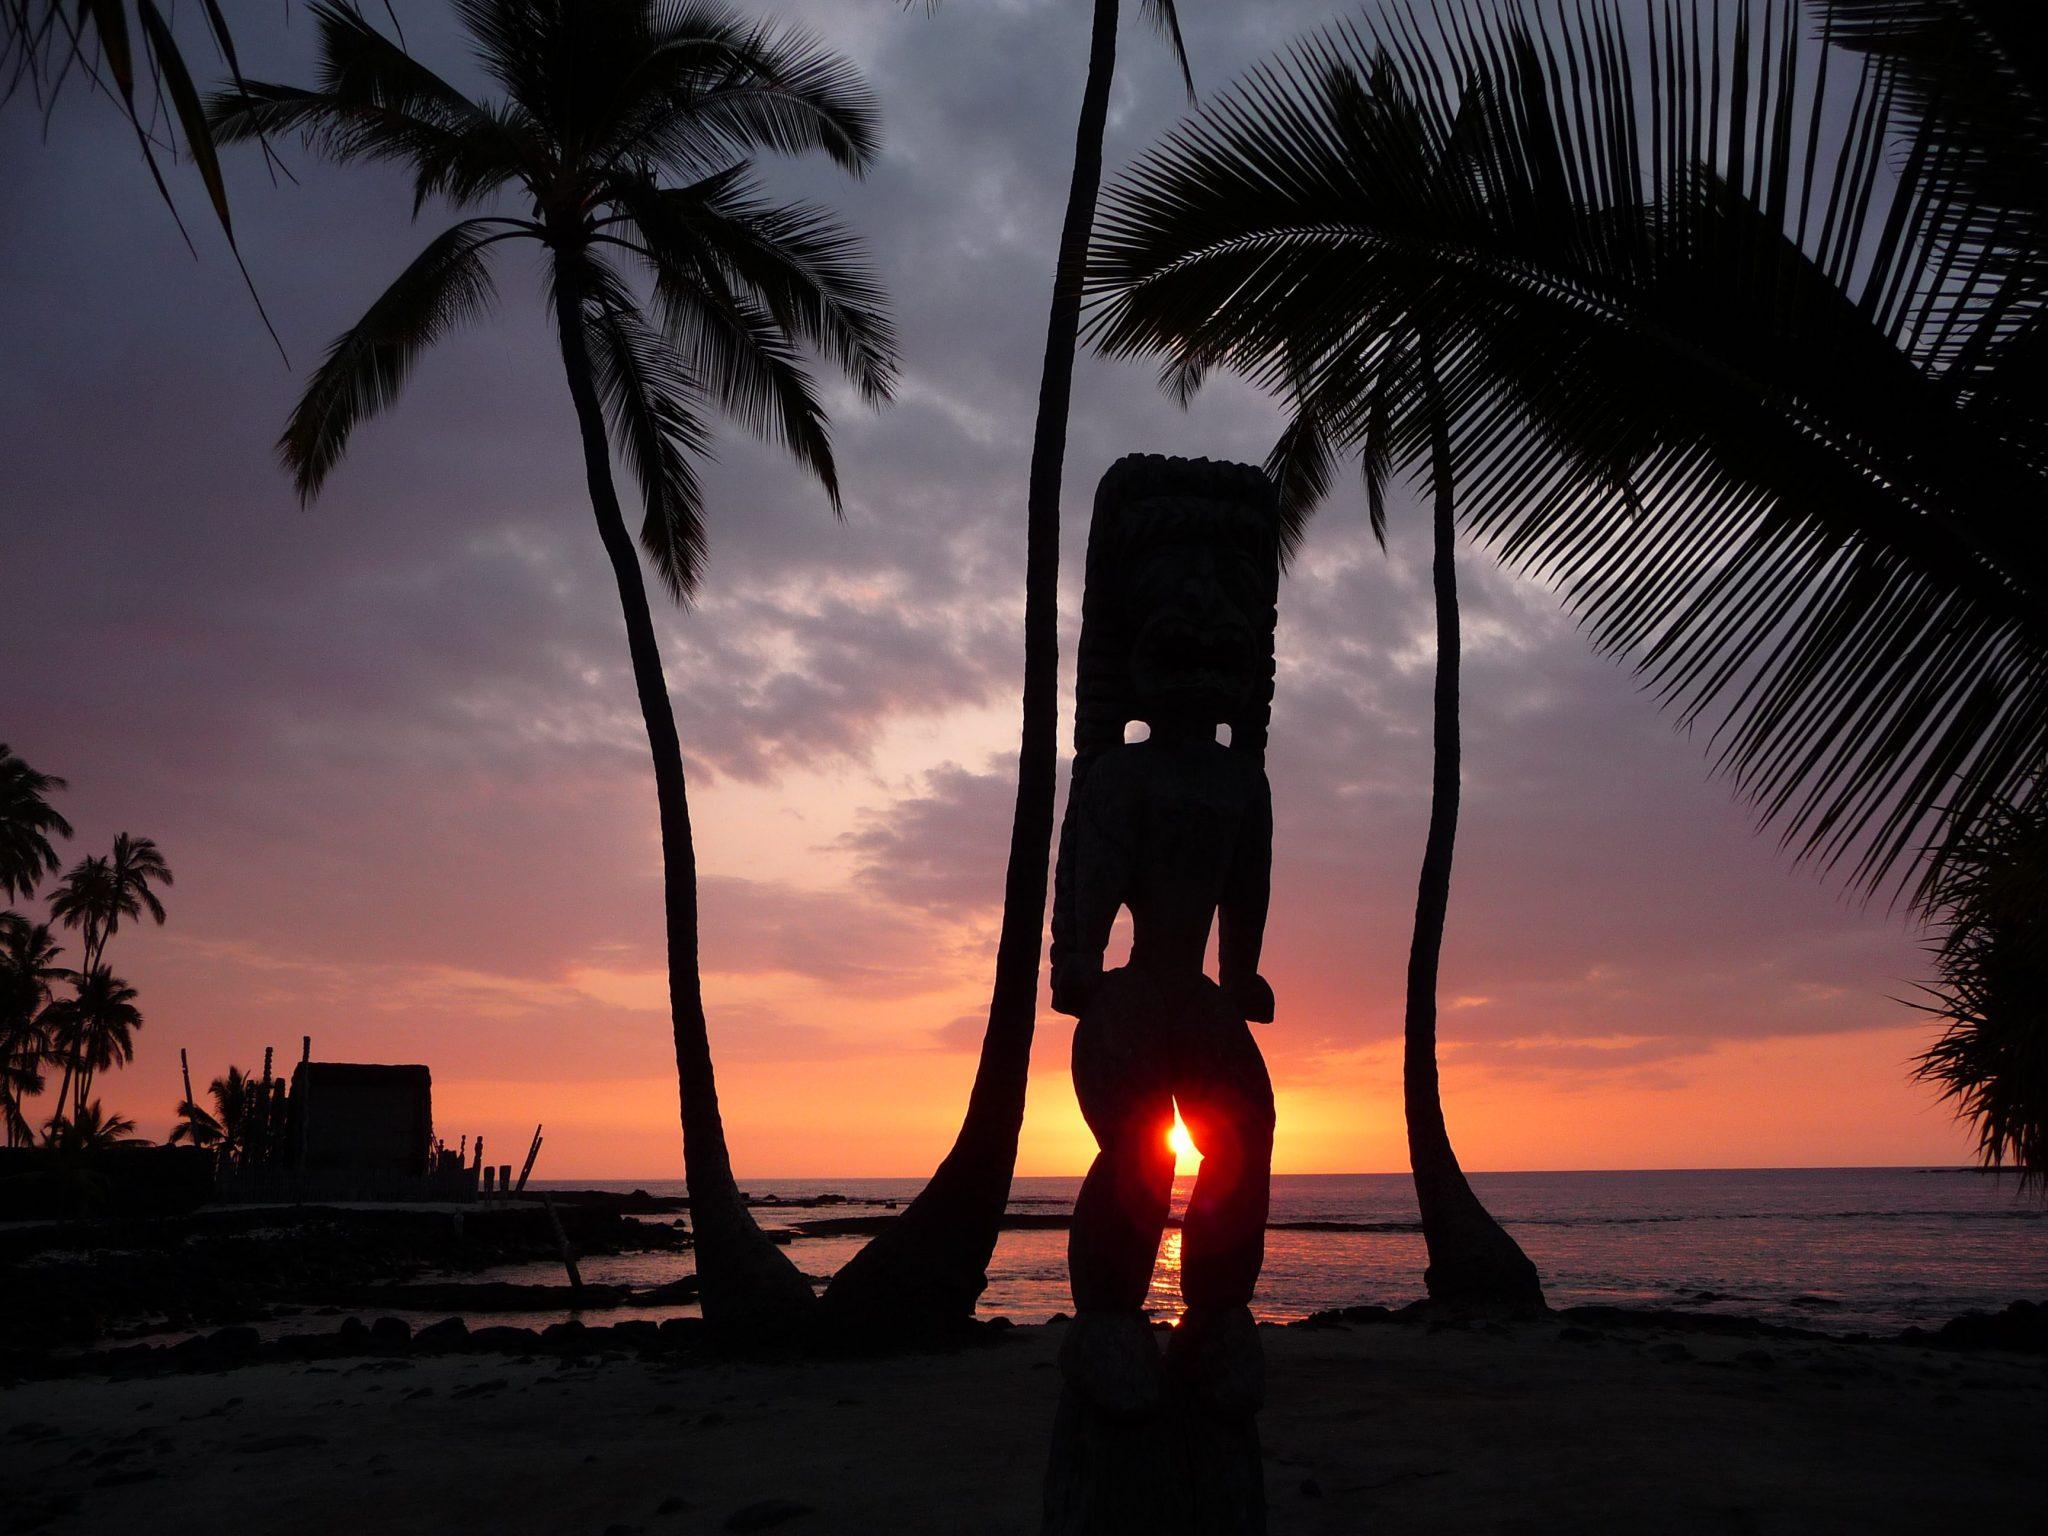 Dio al tramonto